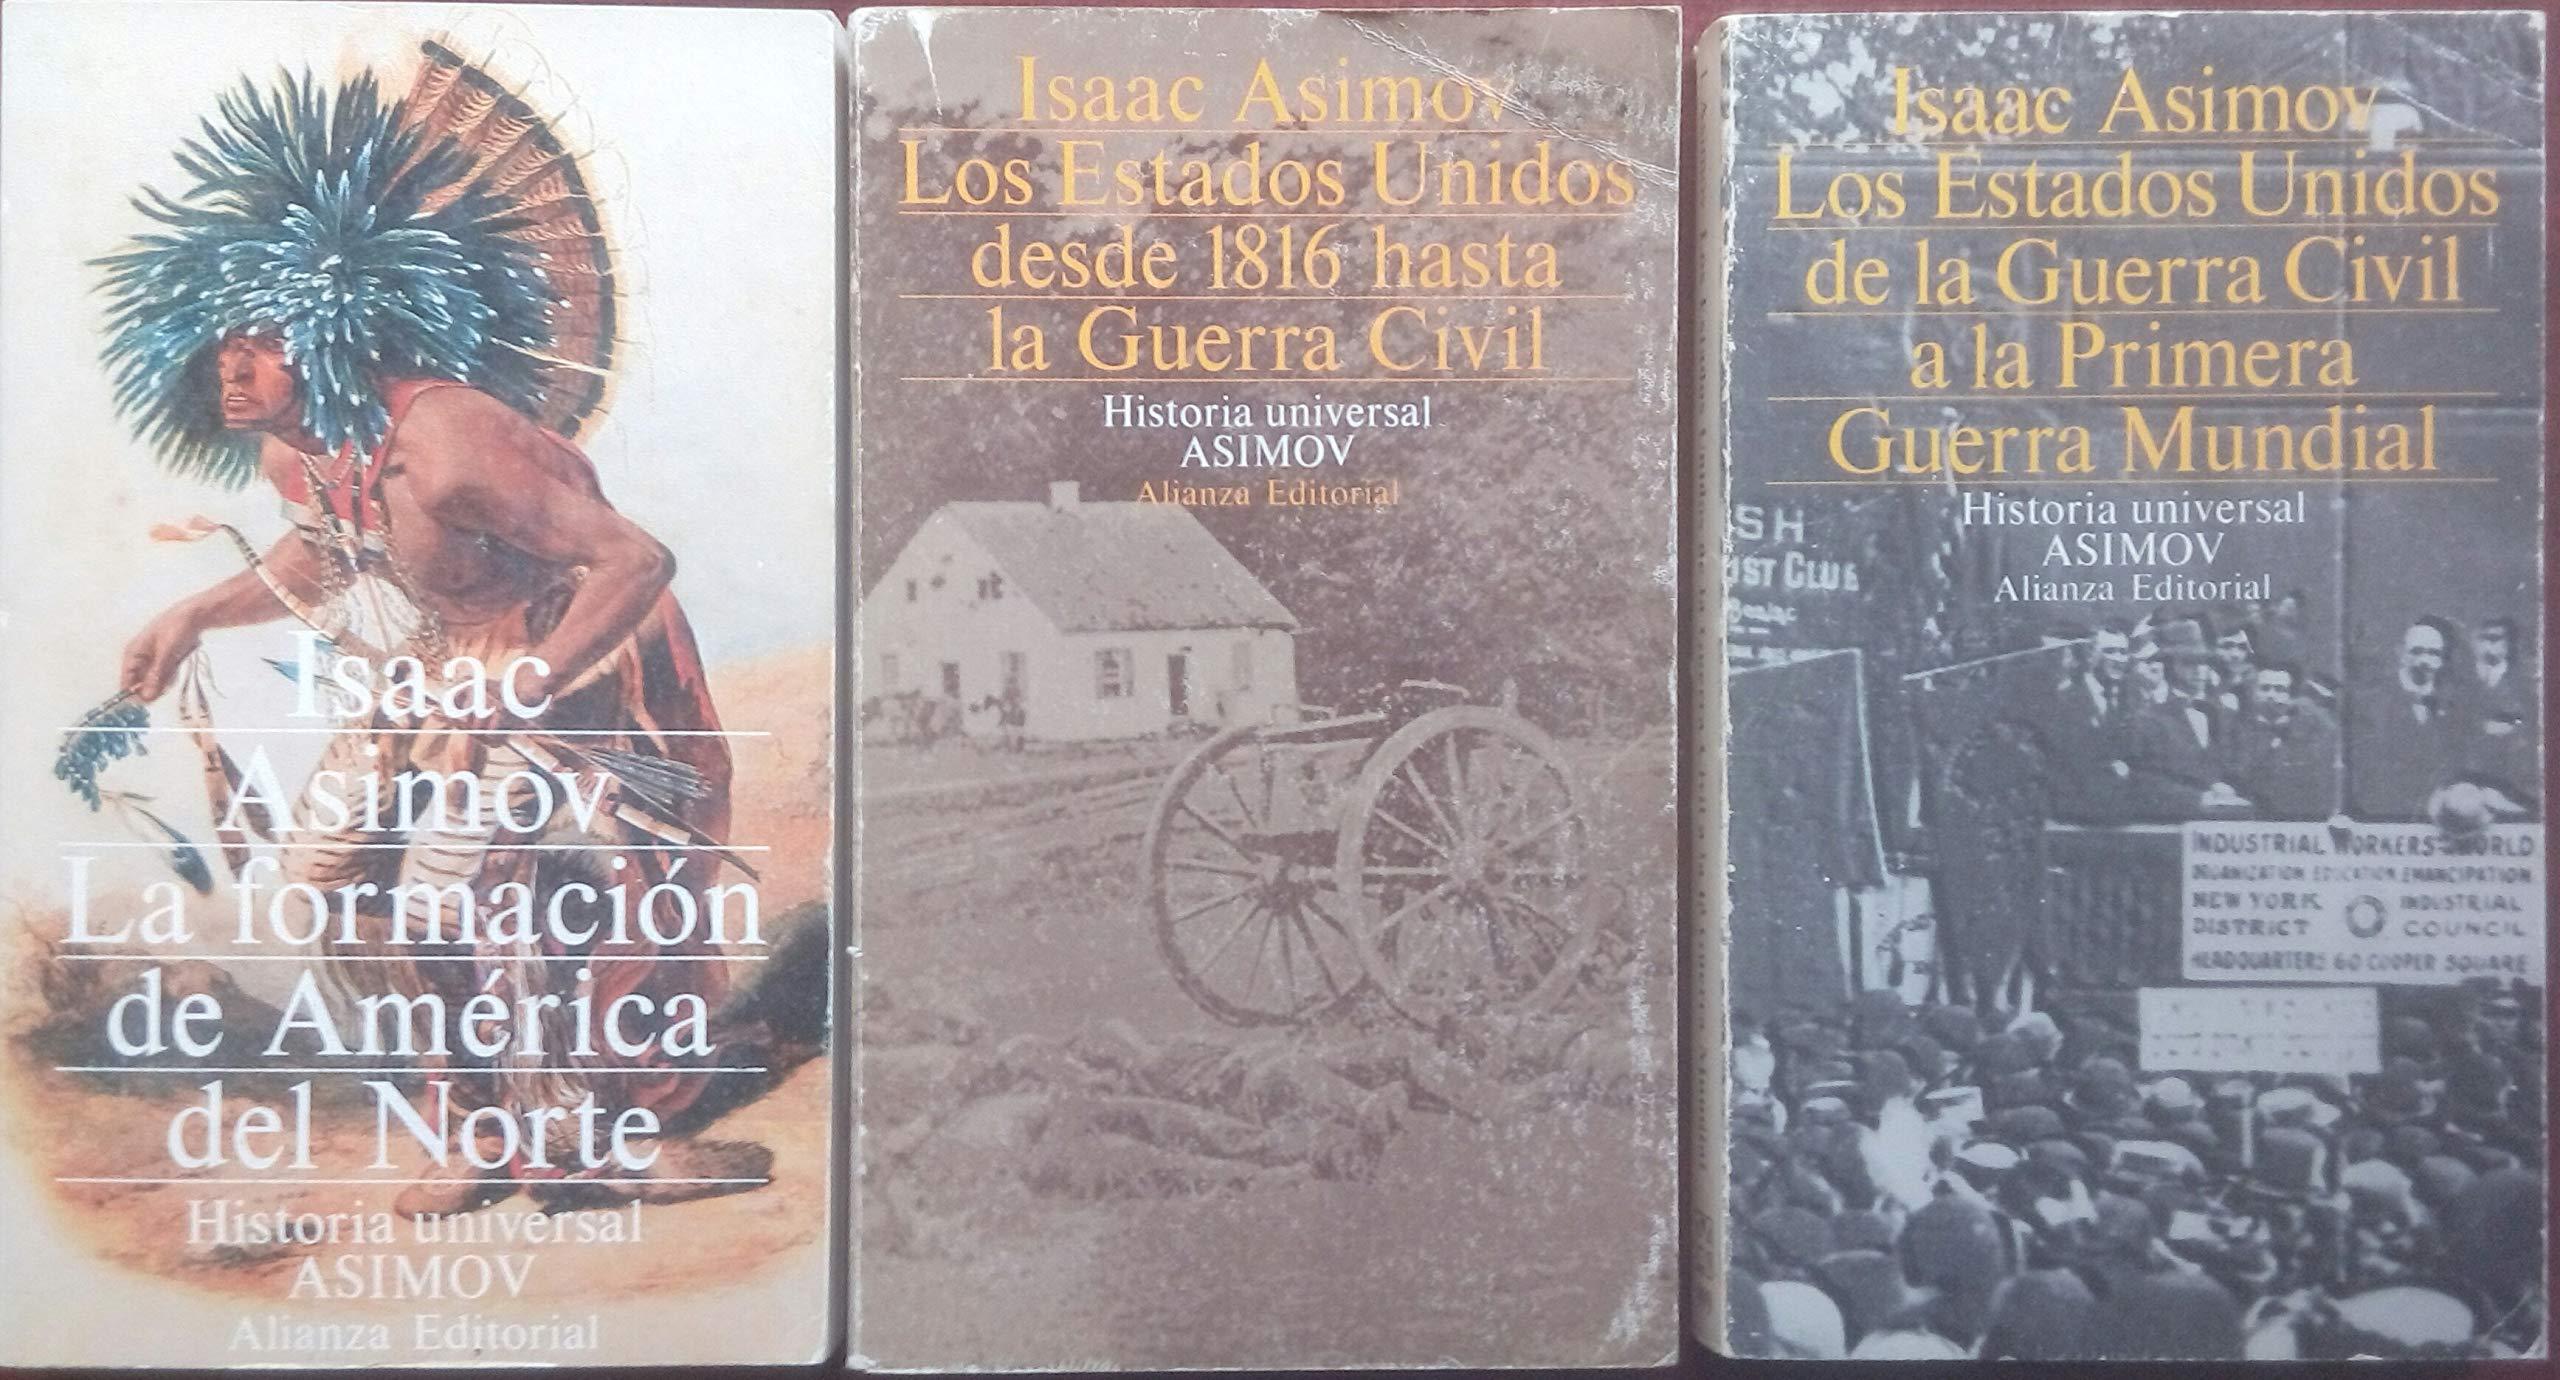 La formacion de América del norte historia universal asimov; t.11: Amazon.es: Asimov, Isaac: Libros